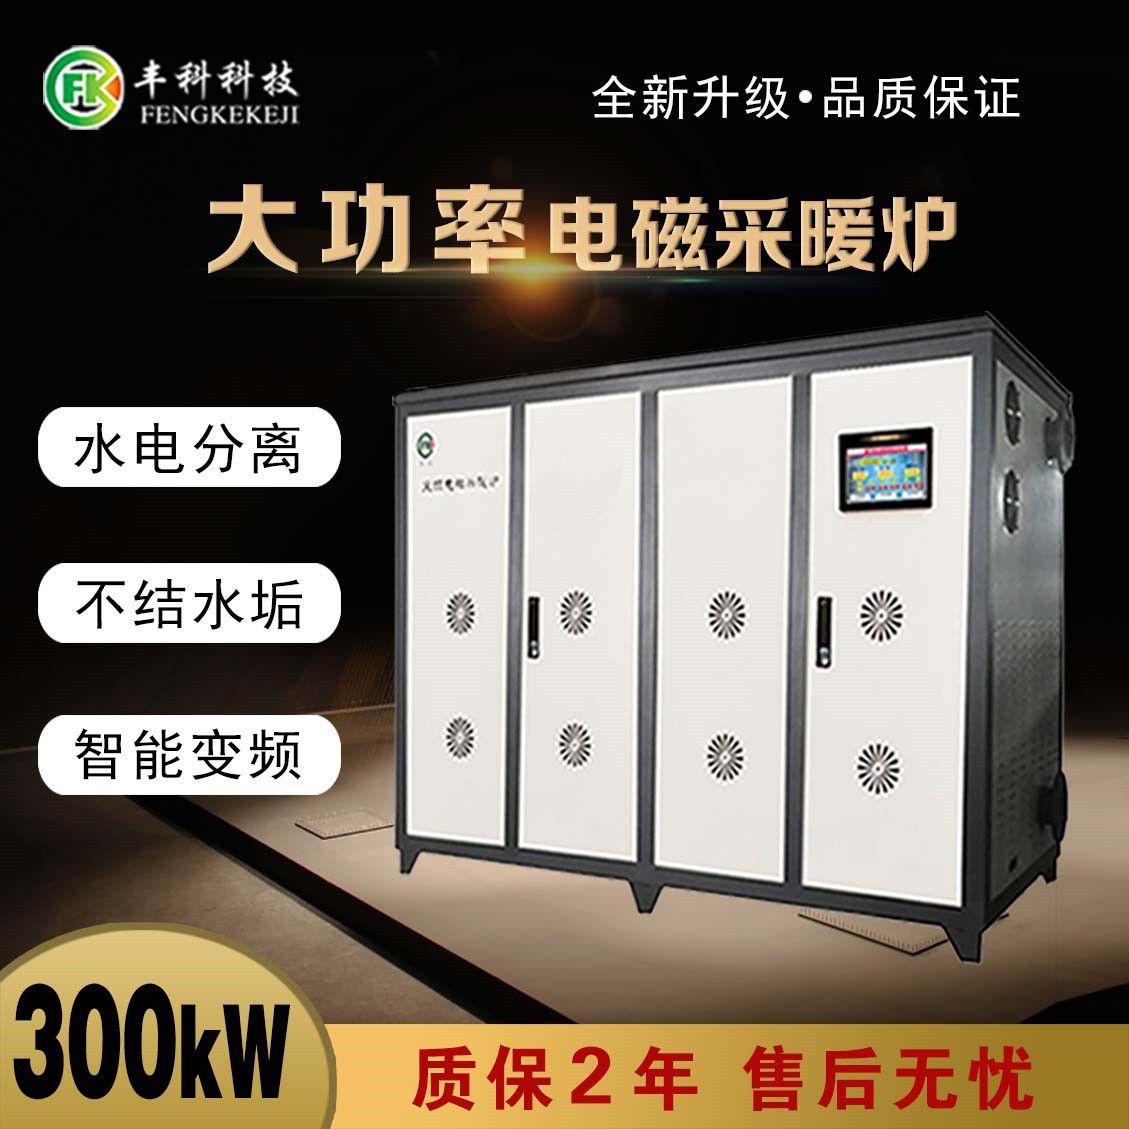 300kW全自动智能电磁采暖炉暖风机环保节能取暖电锅炉